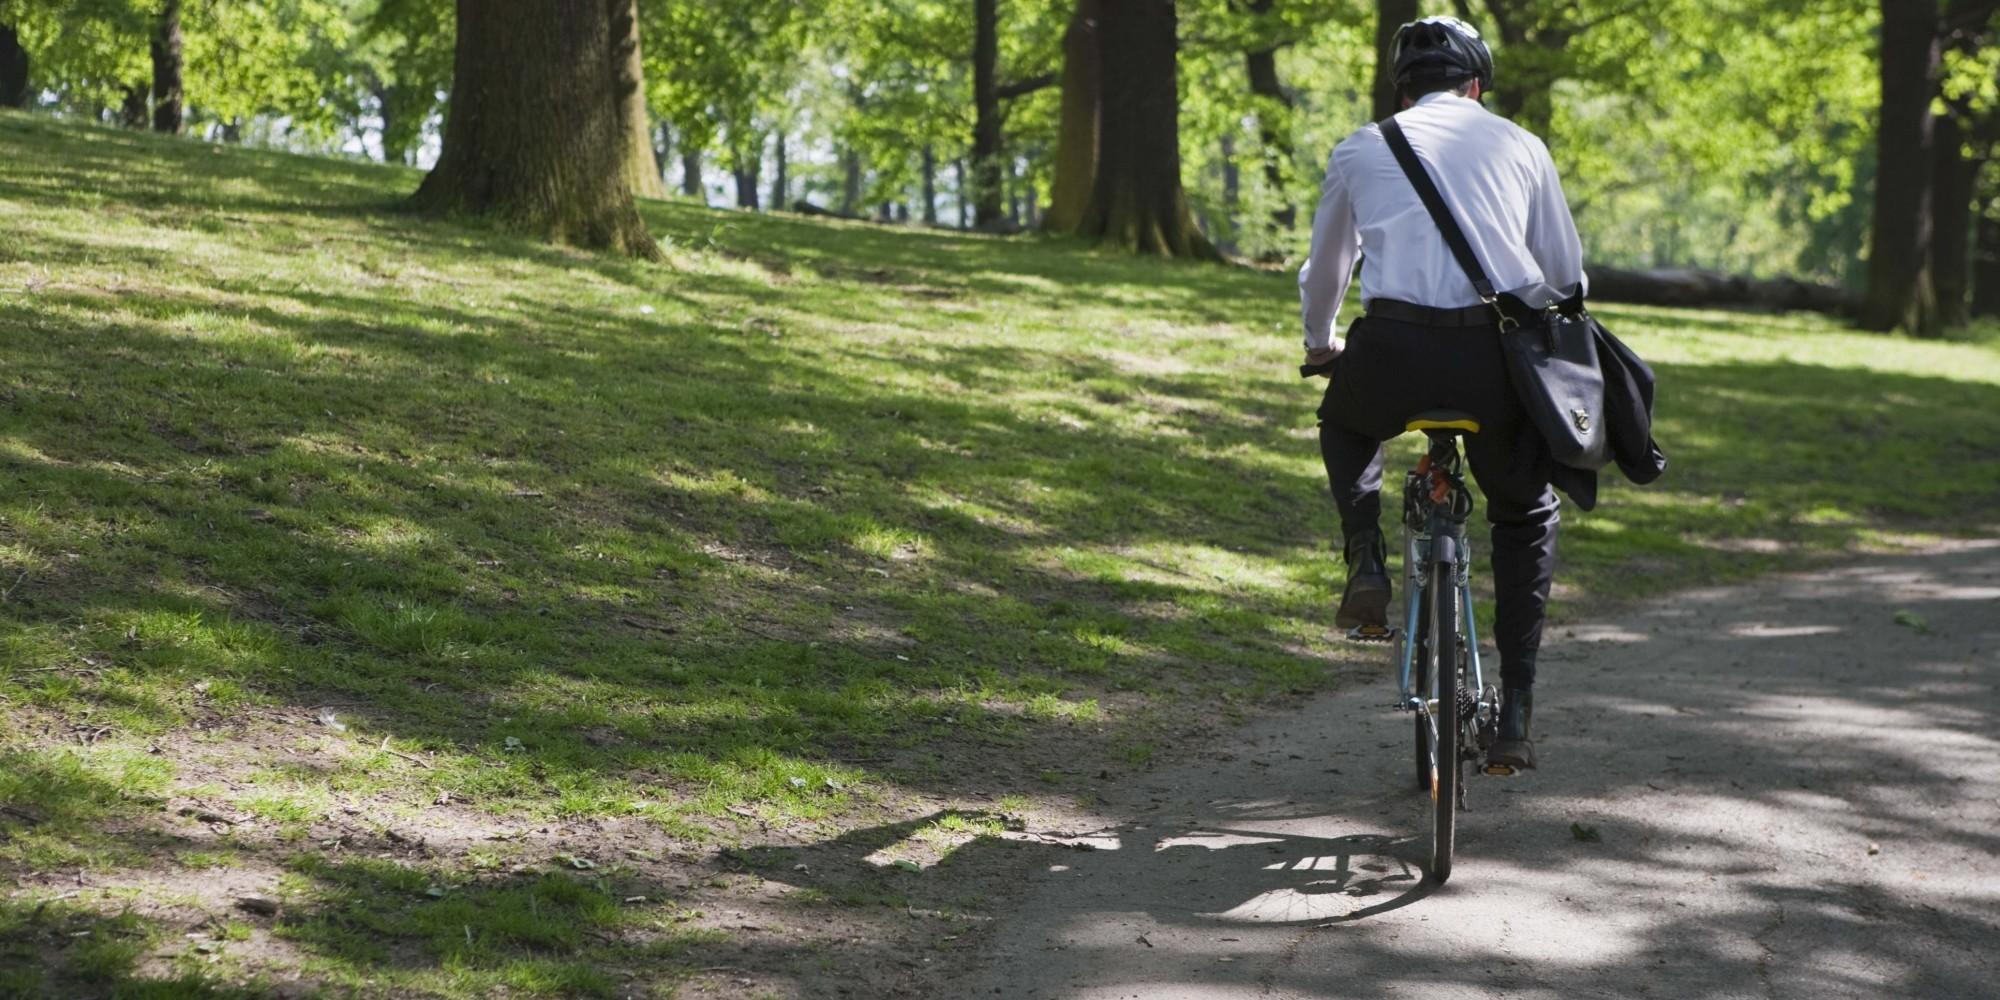 Նորանշանակ փոխնախարարը գործի է գալիս հեծանիվով, ուսին Էլ՝ մի թութակ․  «Հայկական ժամանակ»